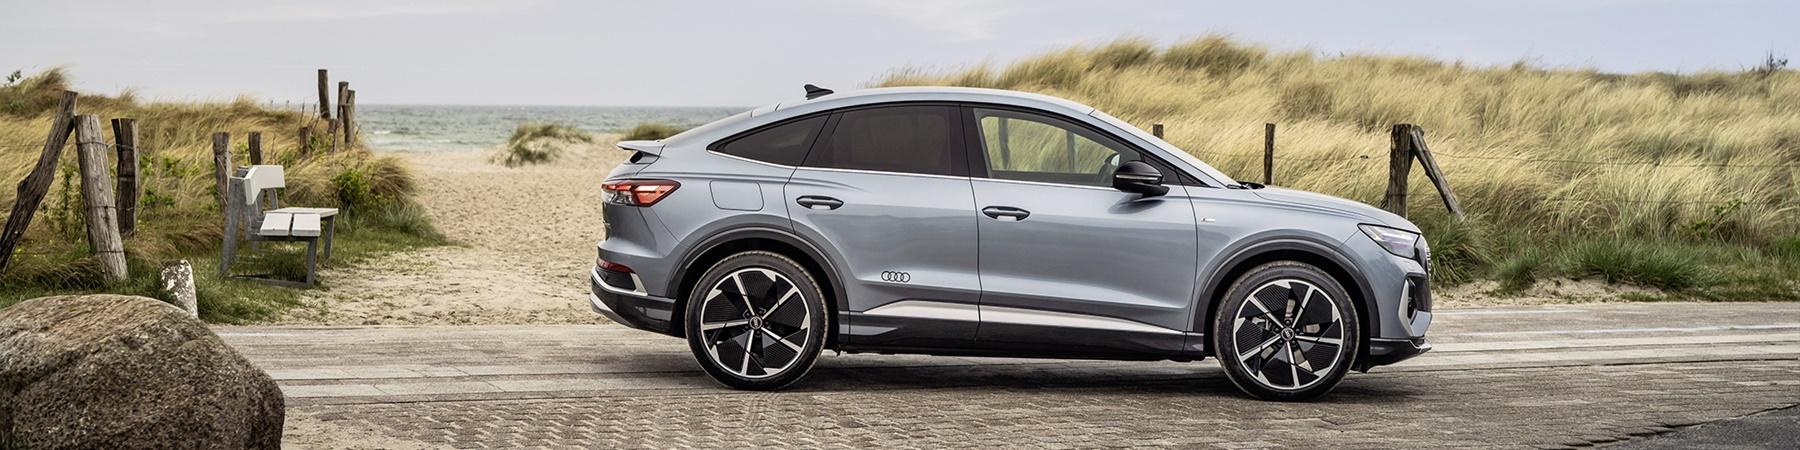 Audi Q4 sportback e-tron 52kWh 297 km actieradius